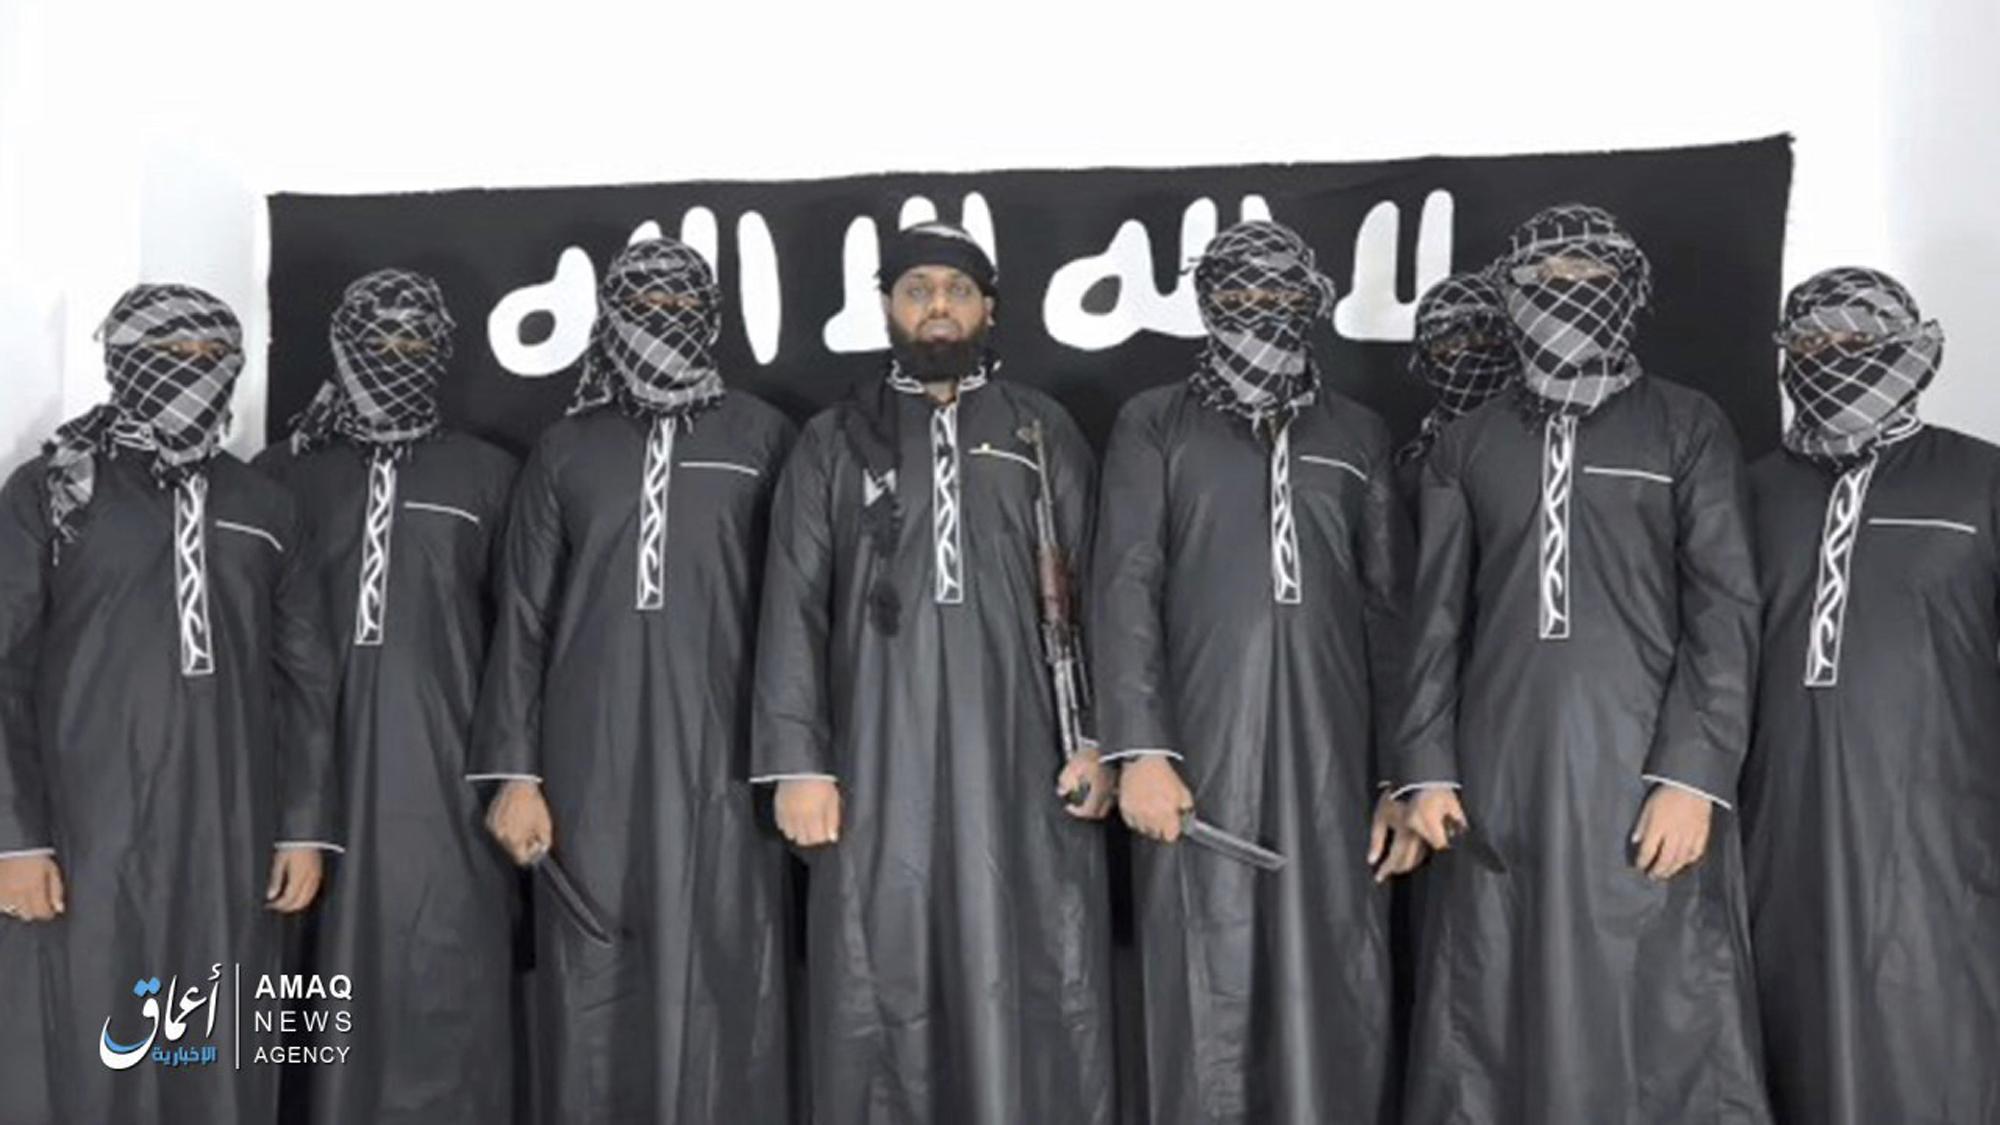 斯里蘭卡復活節恐攻,伊斯蘭國(IS)宣稱犯案(AP)